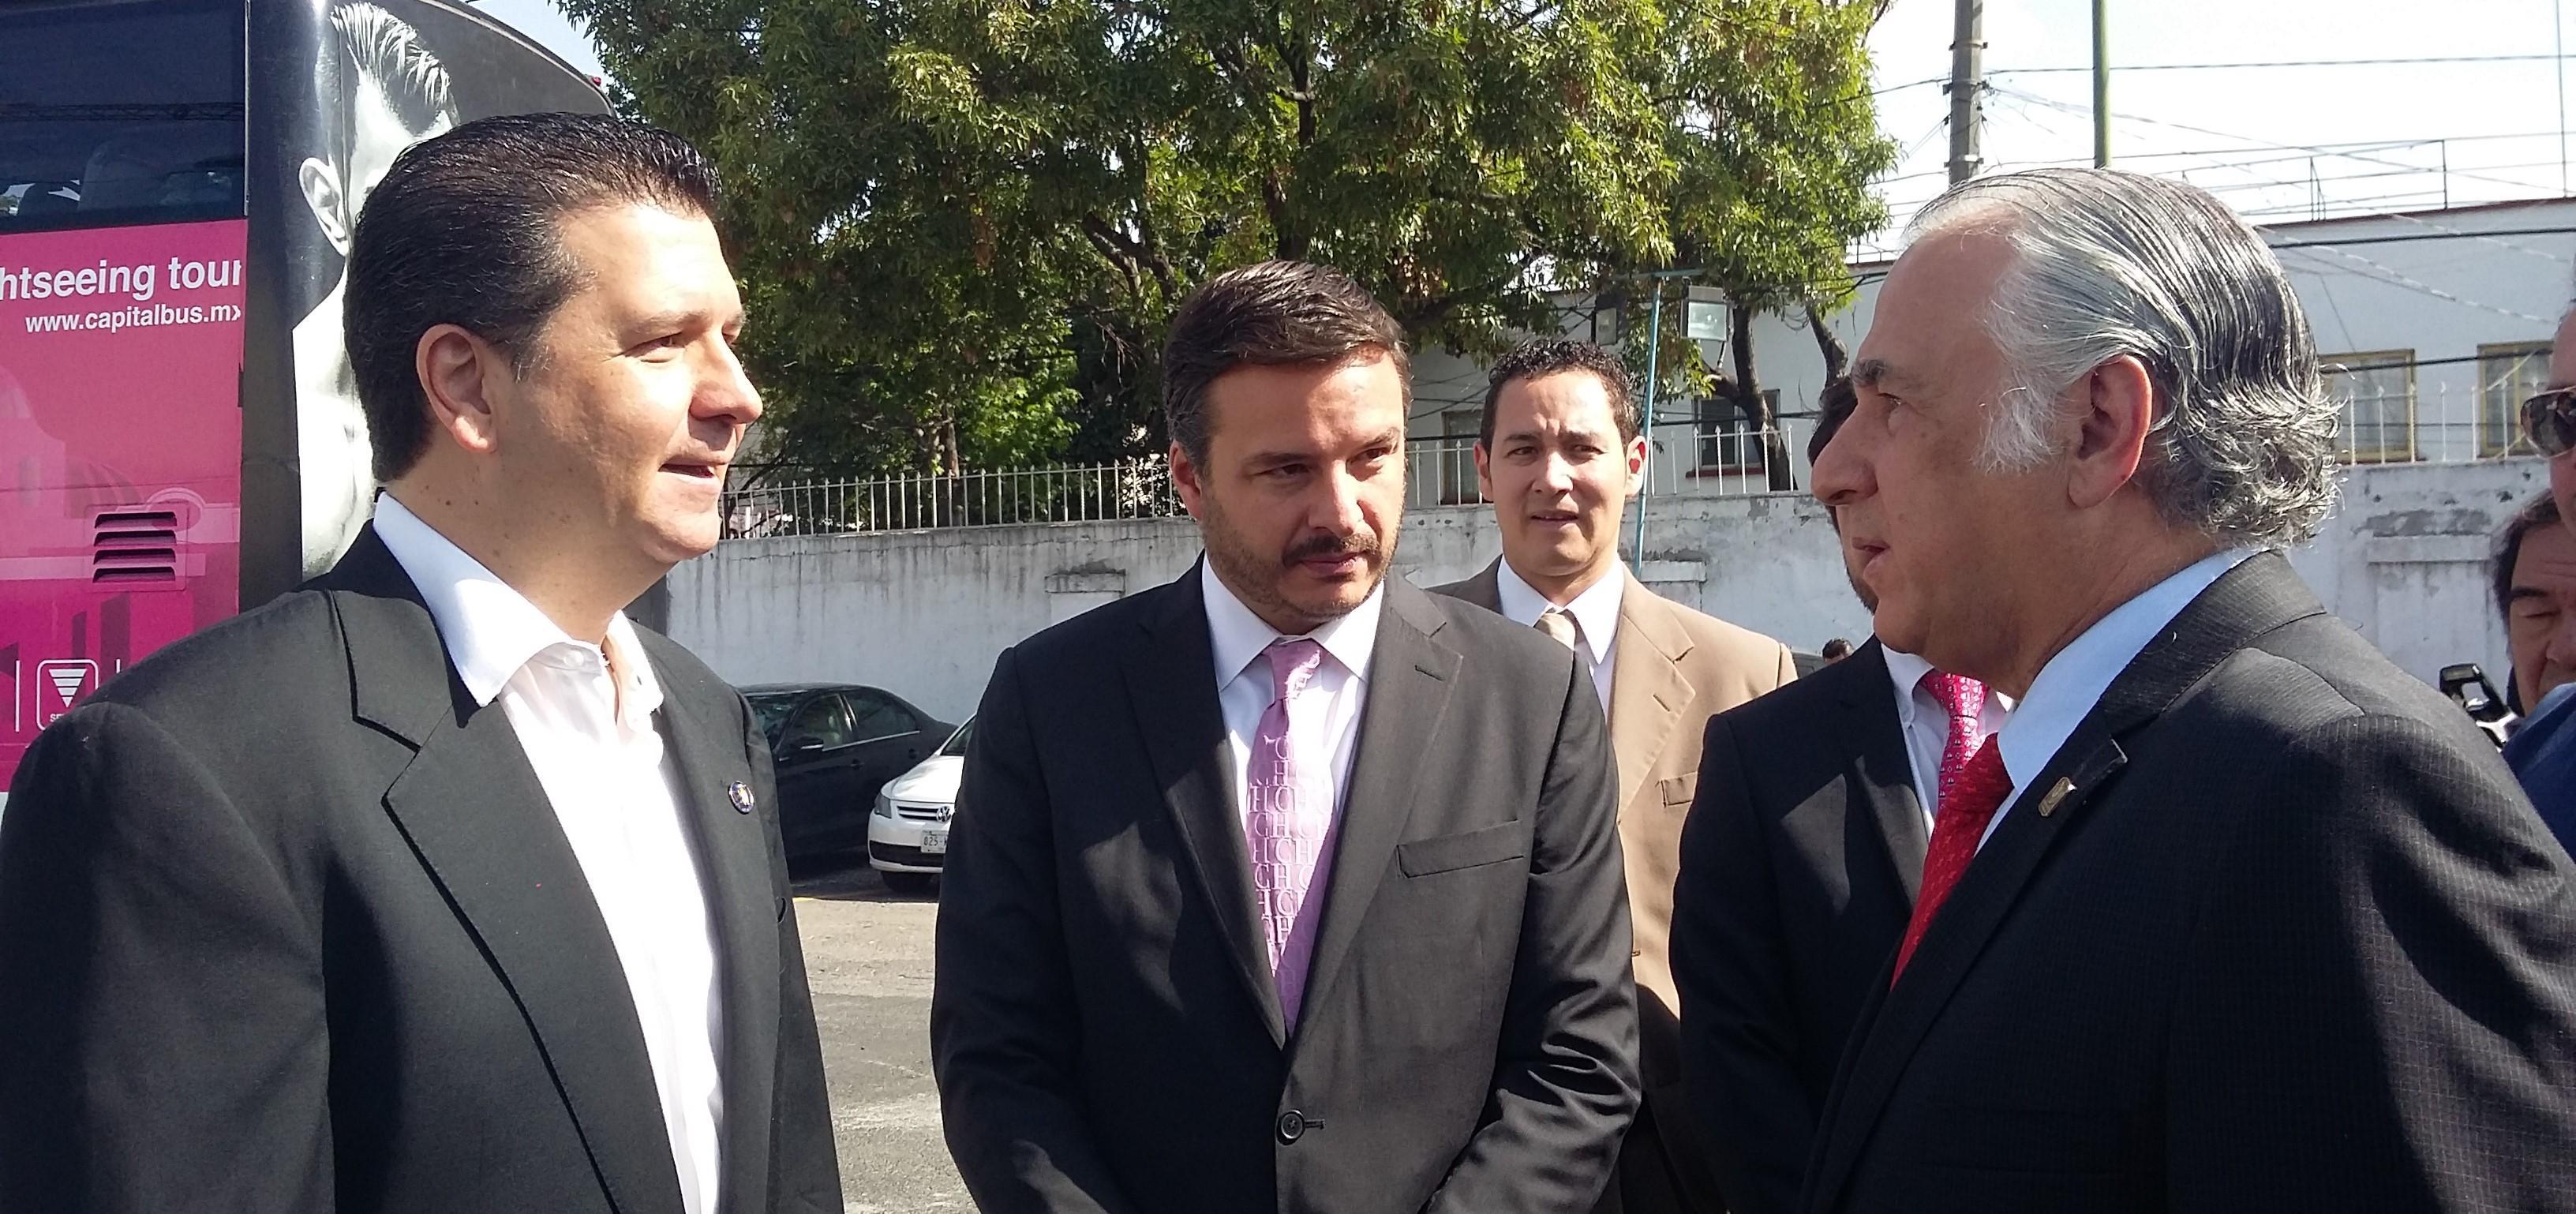 Ricardo Ruiz, director general de El Tizoncito_ José Manuel de Alba, presidente de Capital Bus y Miguel Torruco, seccretario de Turismo de la CDMX 1